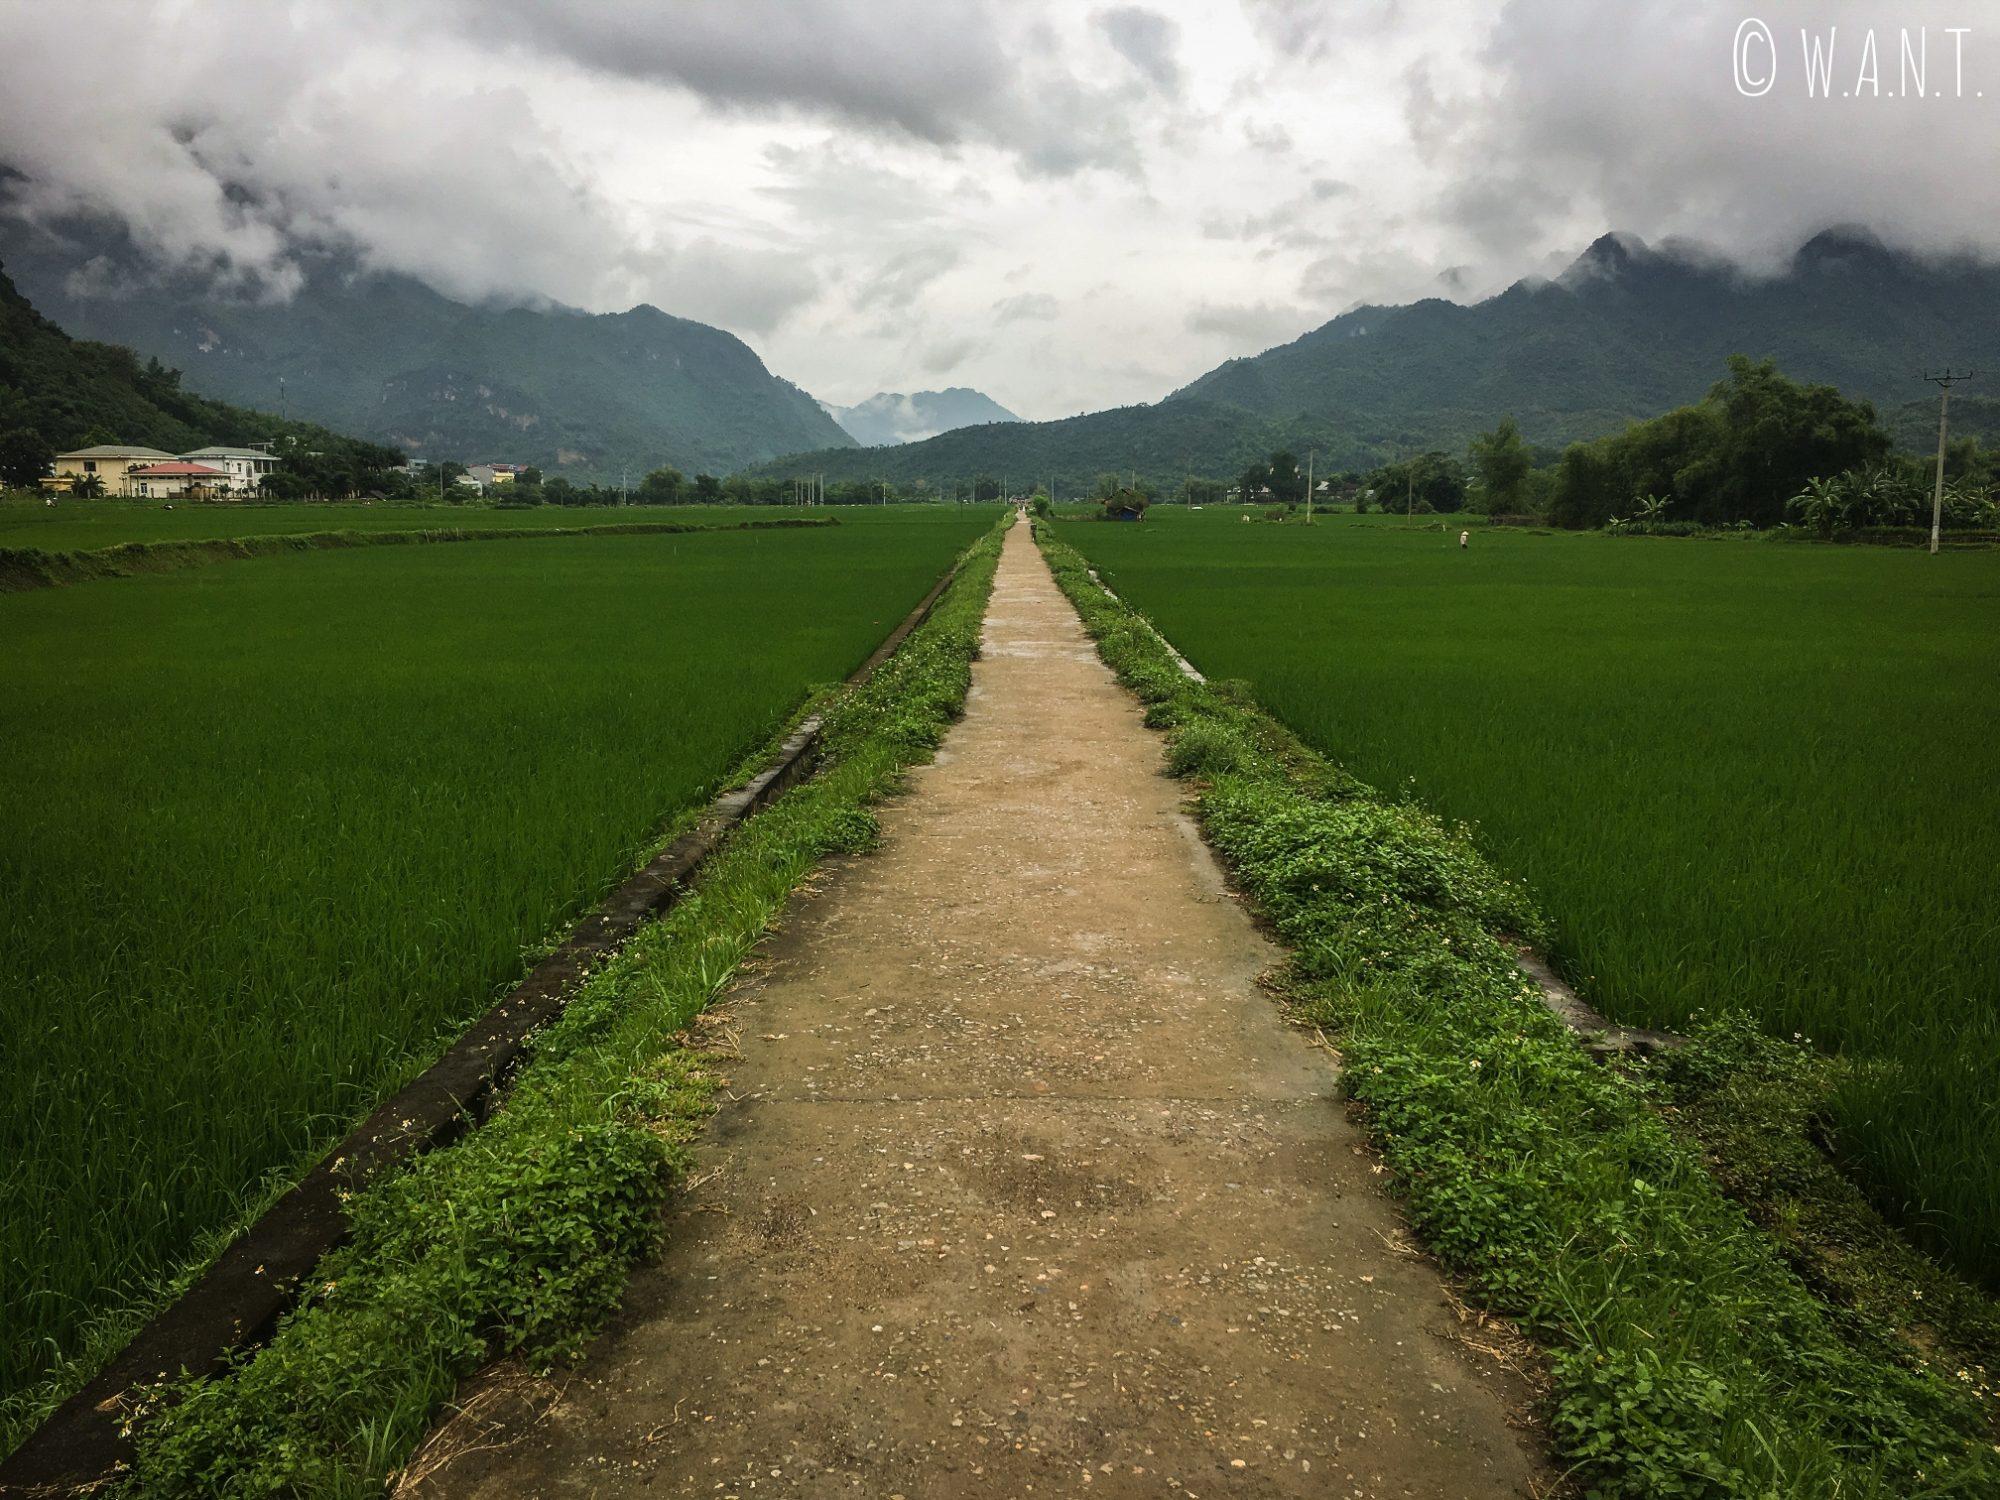 Les nuages sont comme suspendus aux sommets des montagnes de Mai Chau